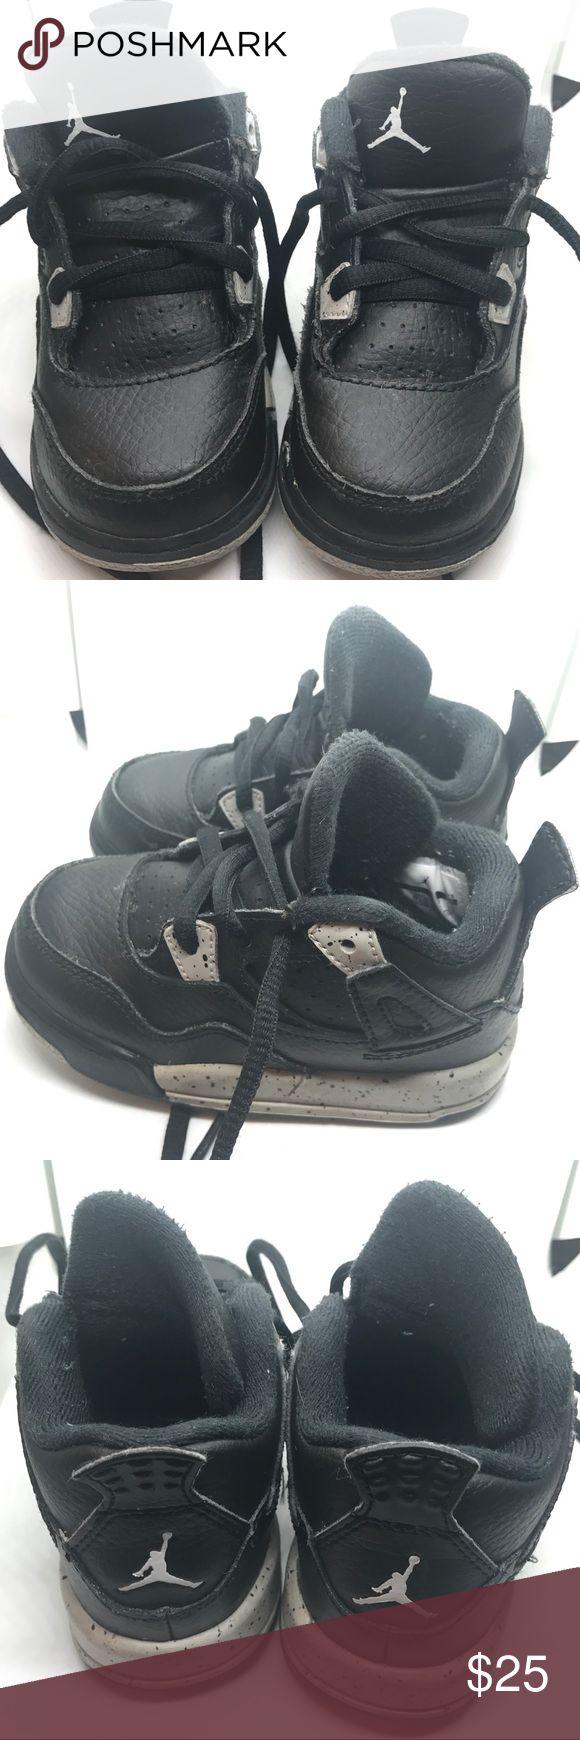 Toddler 6c Jordan Retro 4 Oreo Great condition! Air Jordan Shoes Sneakers